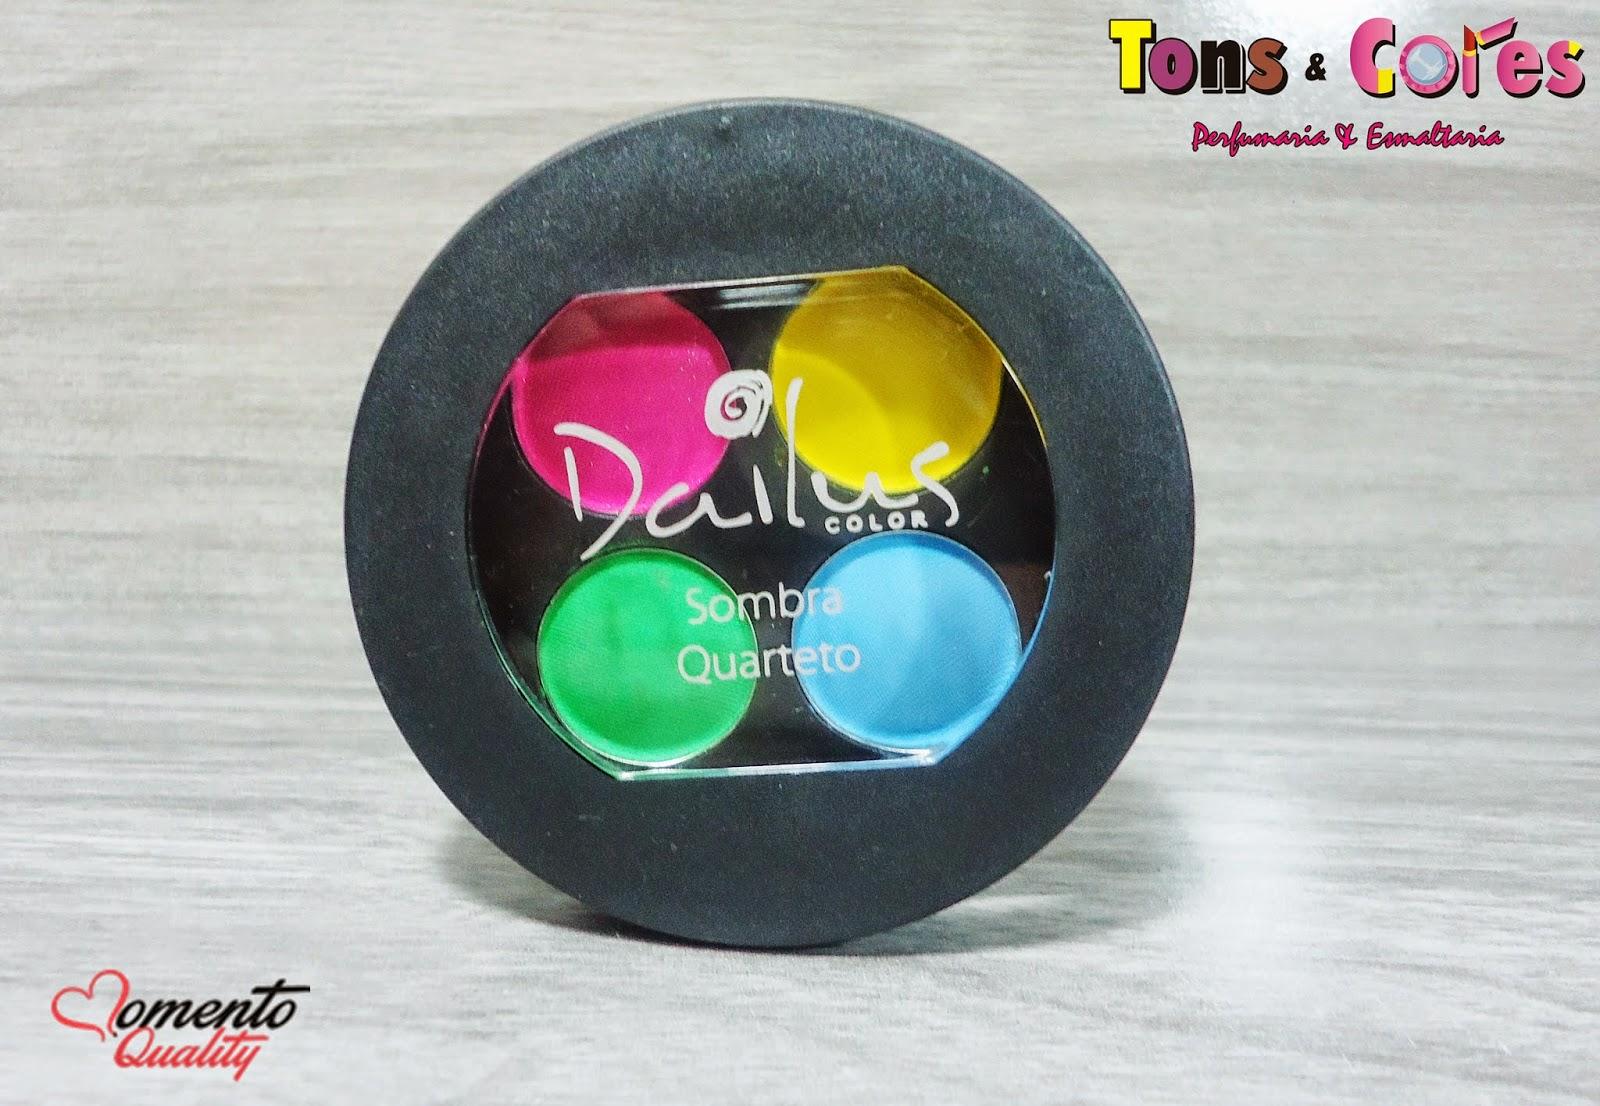 Quarteto Sombras 20 Dailus